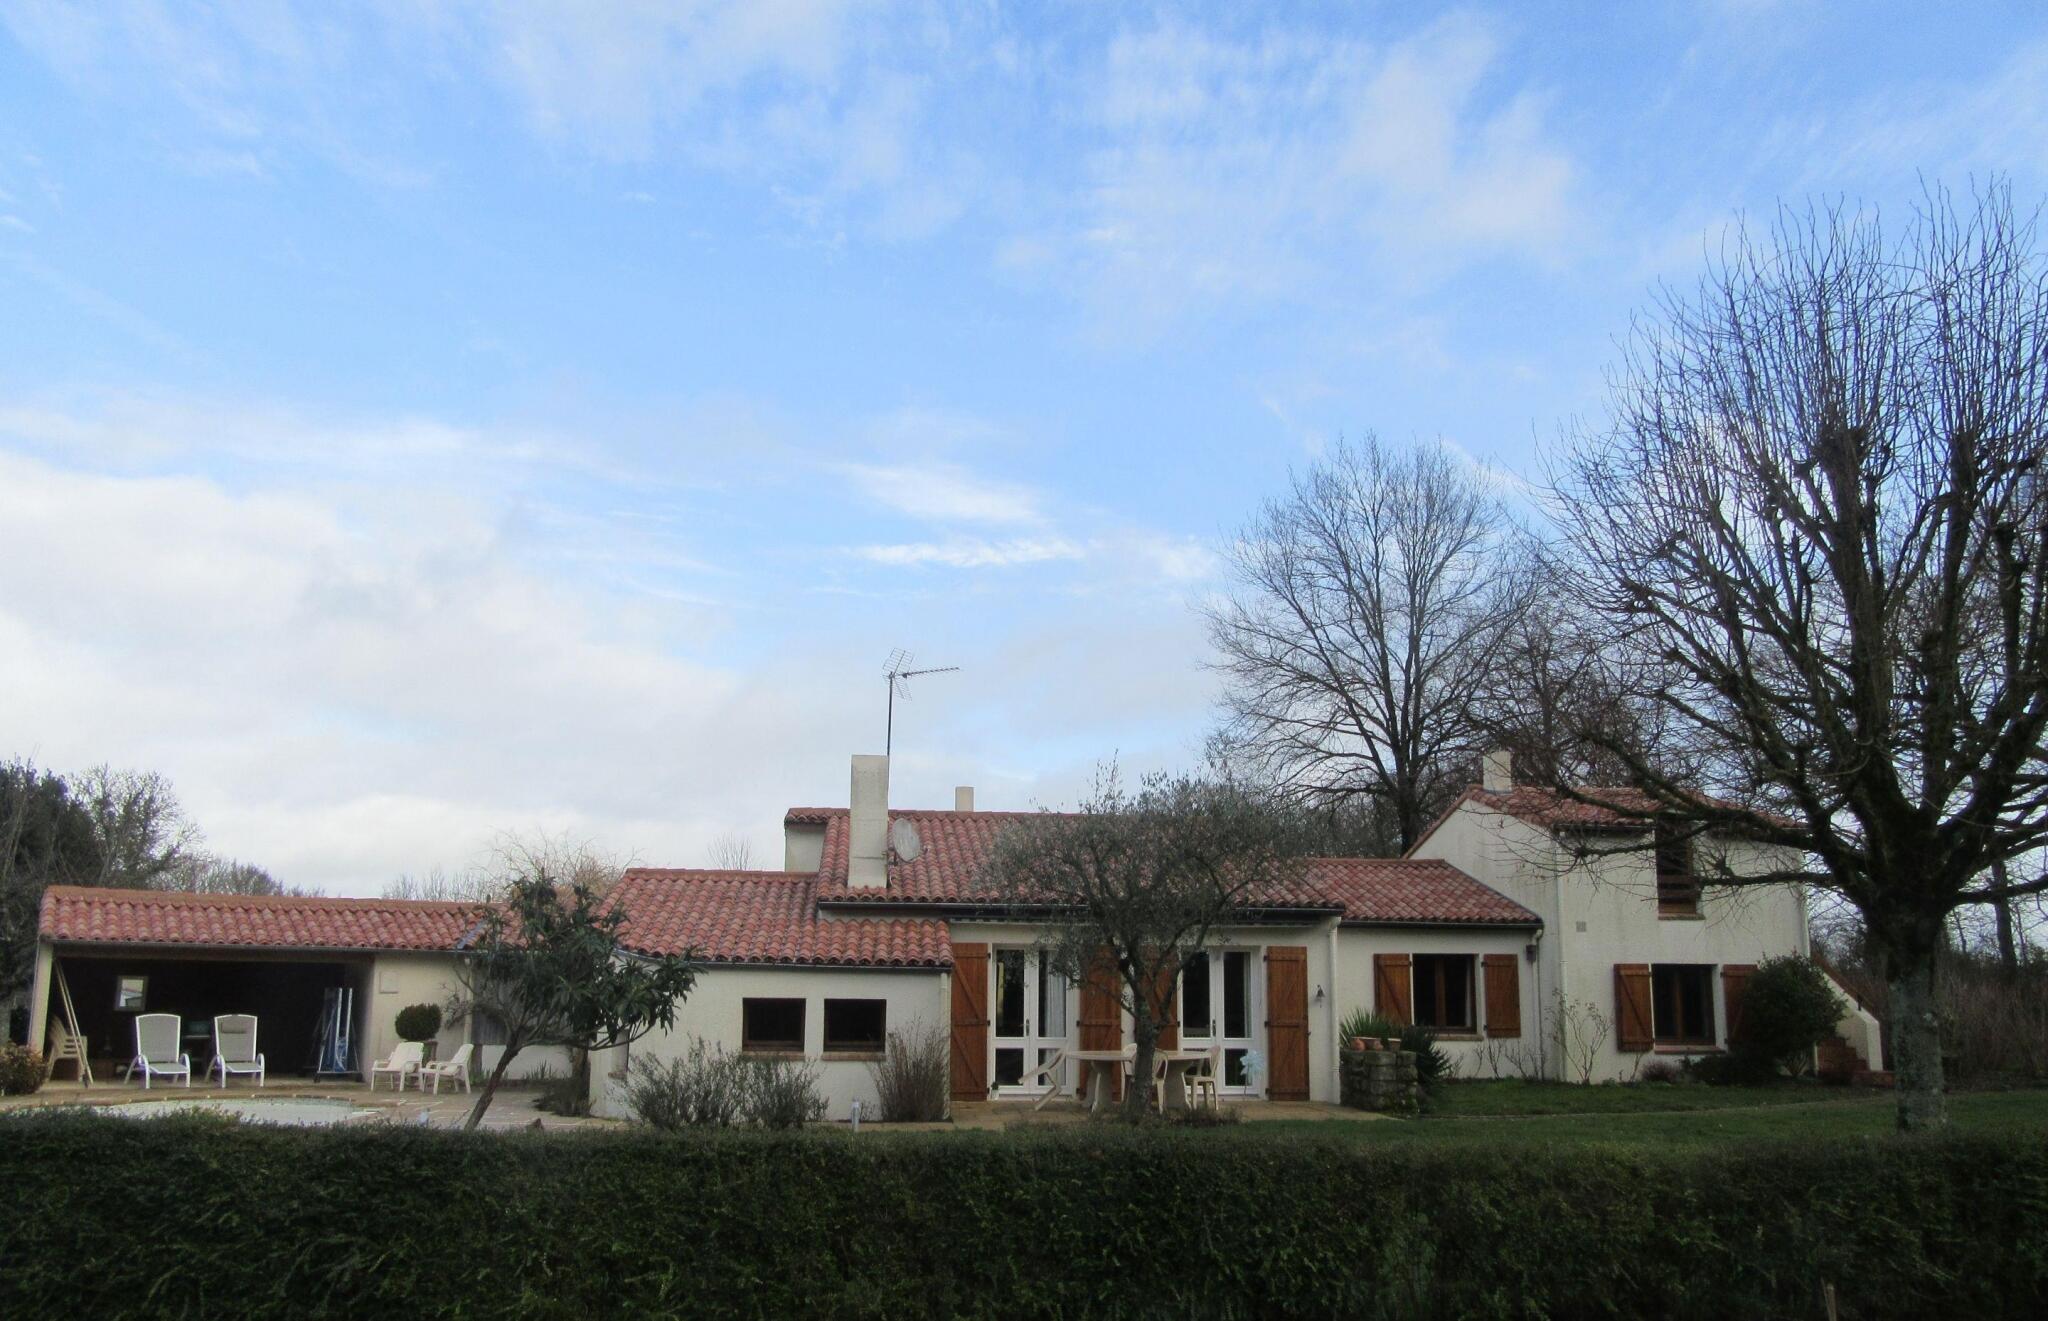 Vente Maison 8 Pièces Bressuire (79300) : À Vendre 8 Pièces / T8 145 M² 259  500€ Bressuire dedans Piscine Bressuire